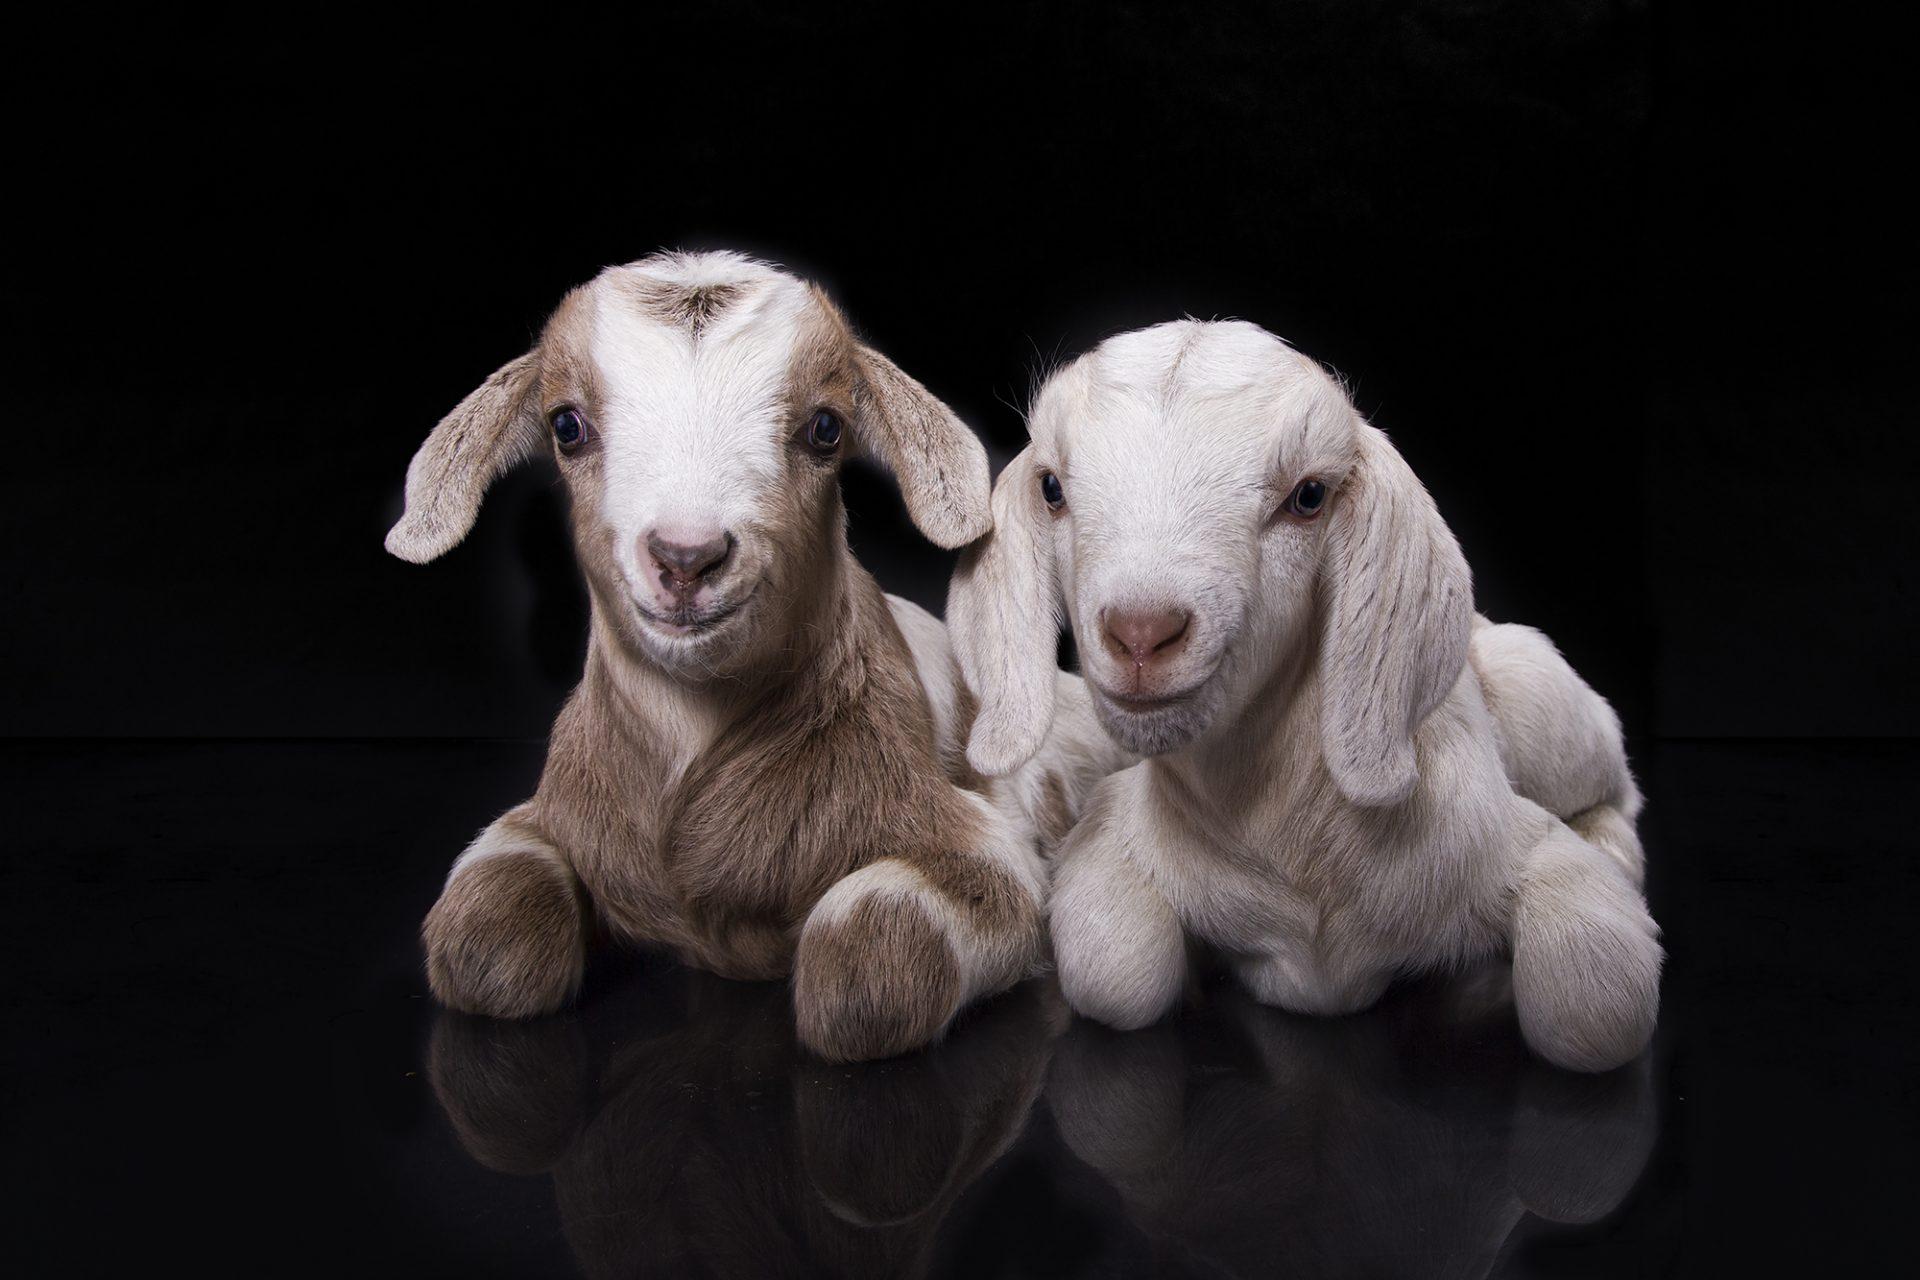 baby goat kids in studio